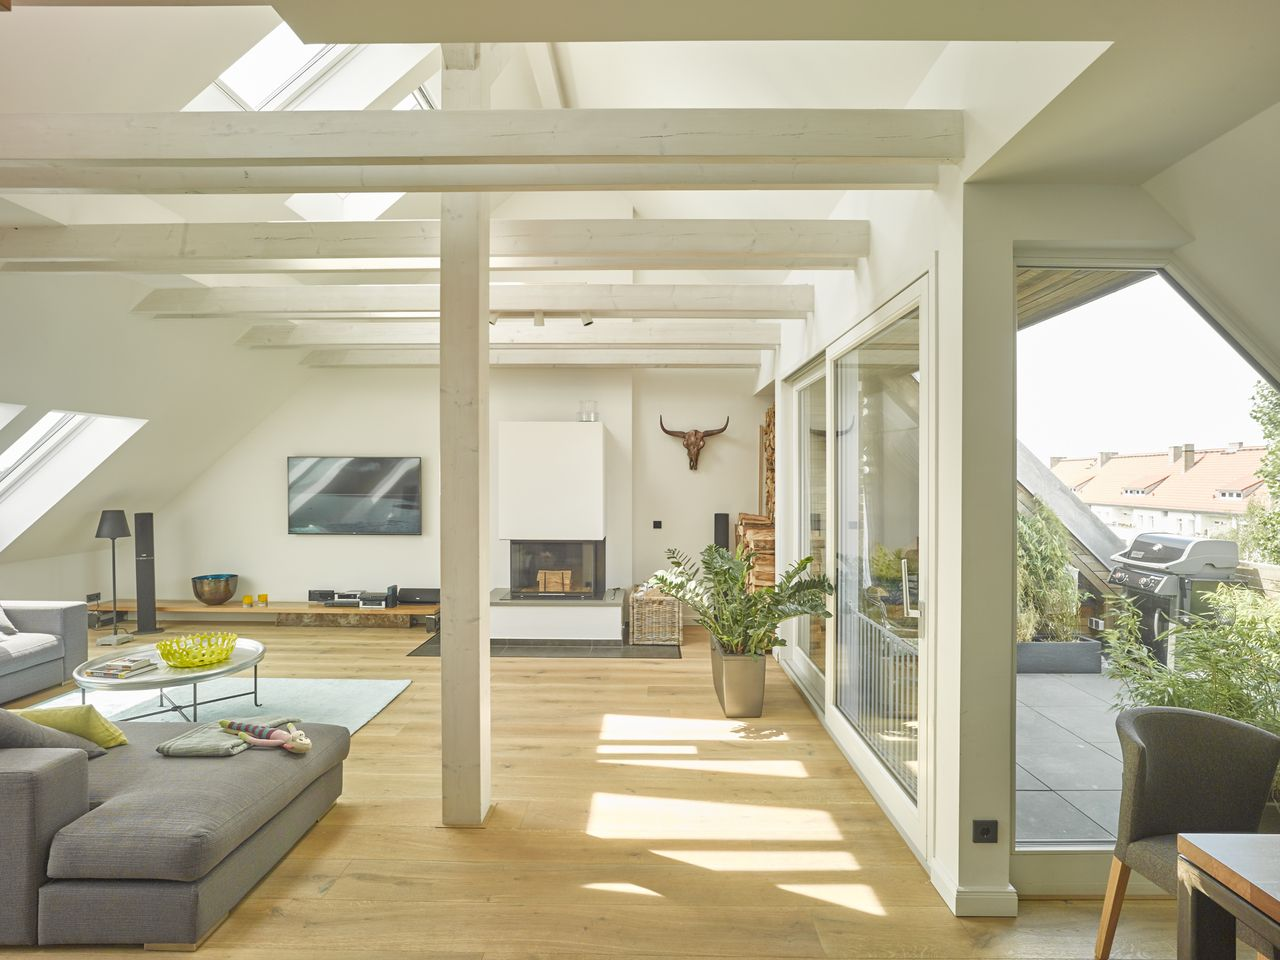 Gro z giges wohnzimmer mit viel tageslicht und - Wohnzimmer architektur ...